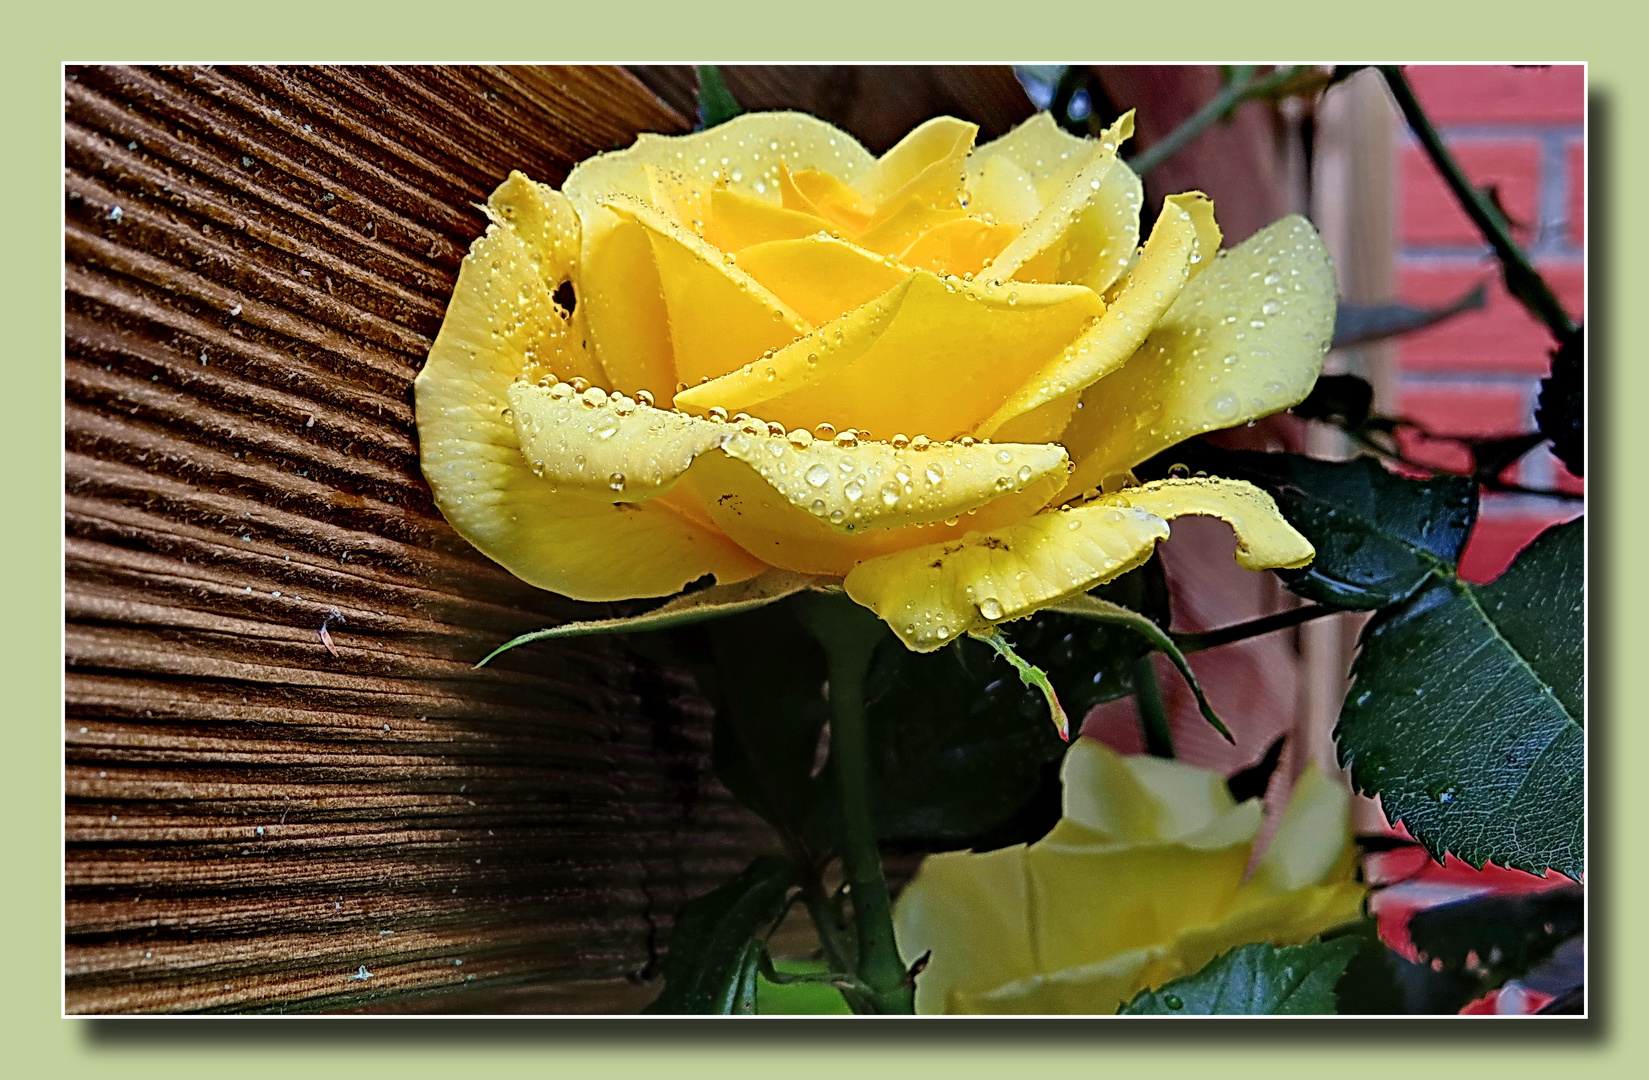 Nachbars neuer Gartenzaun - und für meinen gelben Rosentrauch wird's sehr eng,